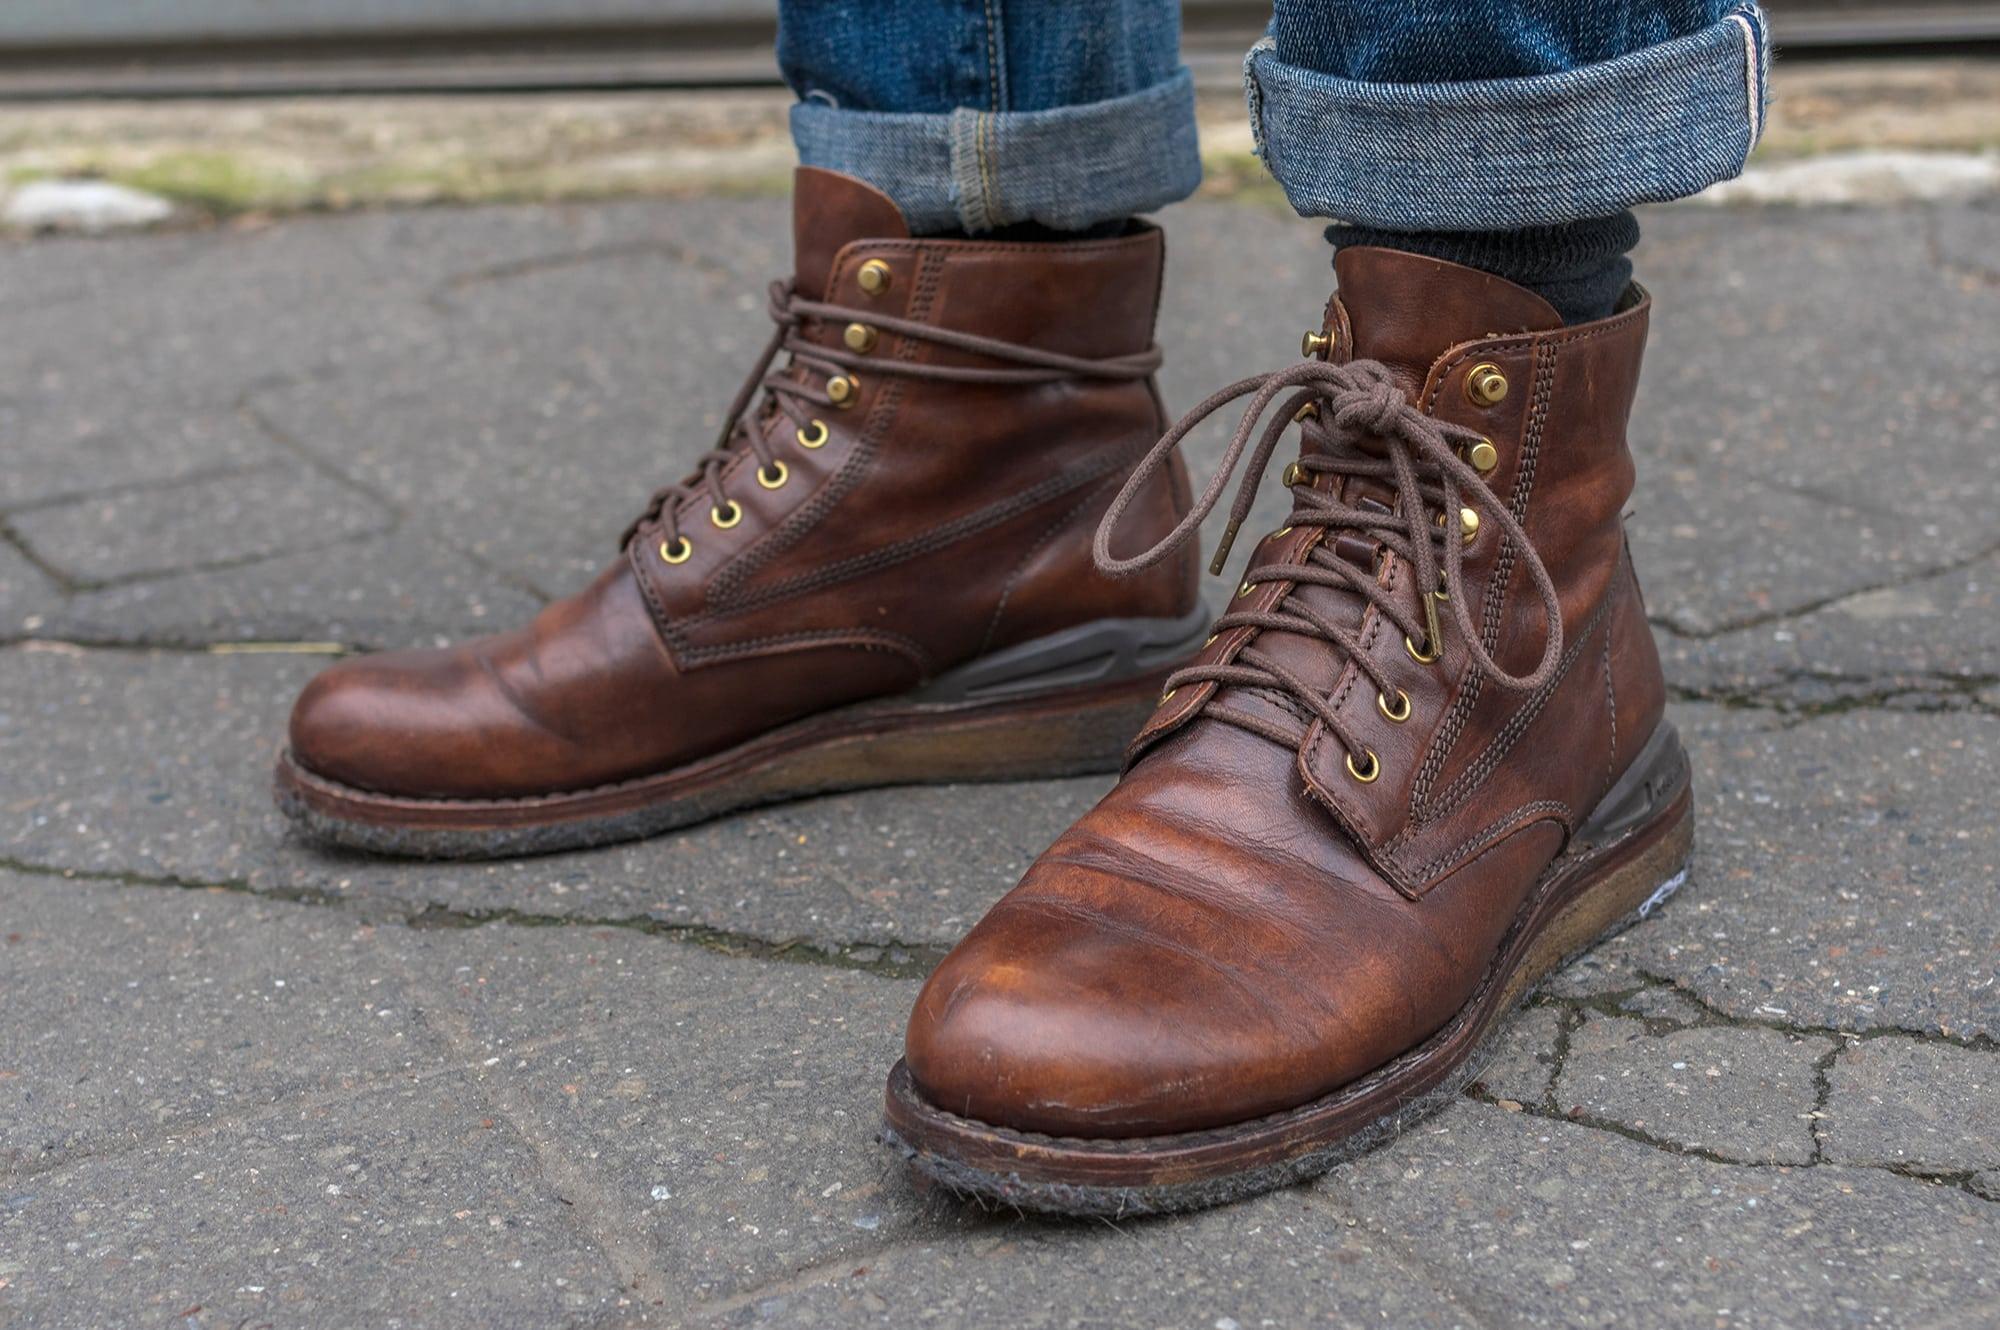 exemple de work boots revisitées par la marque japonaise Visvim et son modèle virgil boots crepe soles